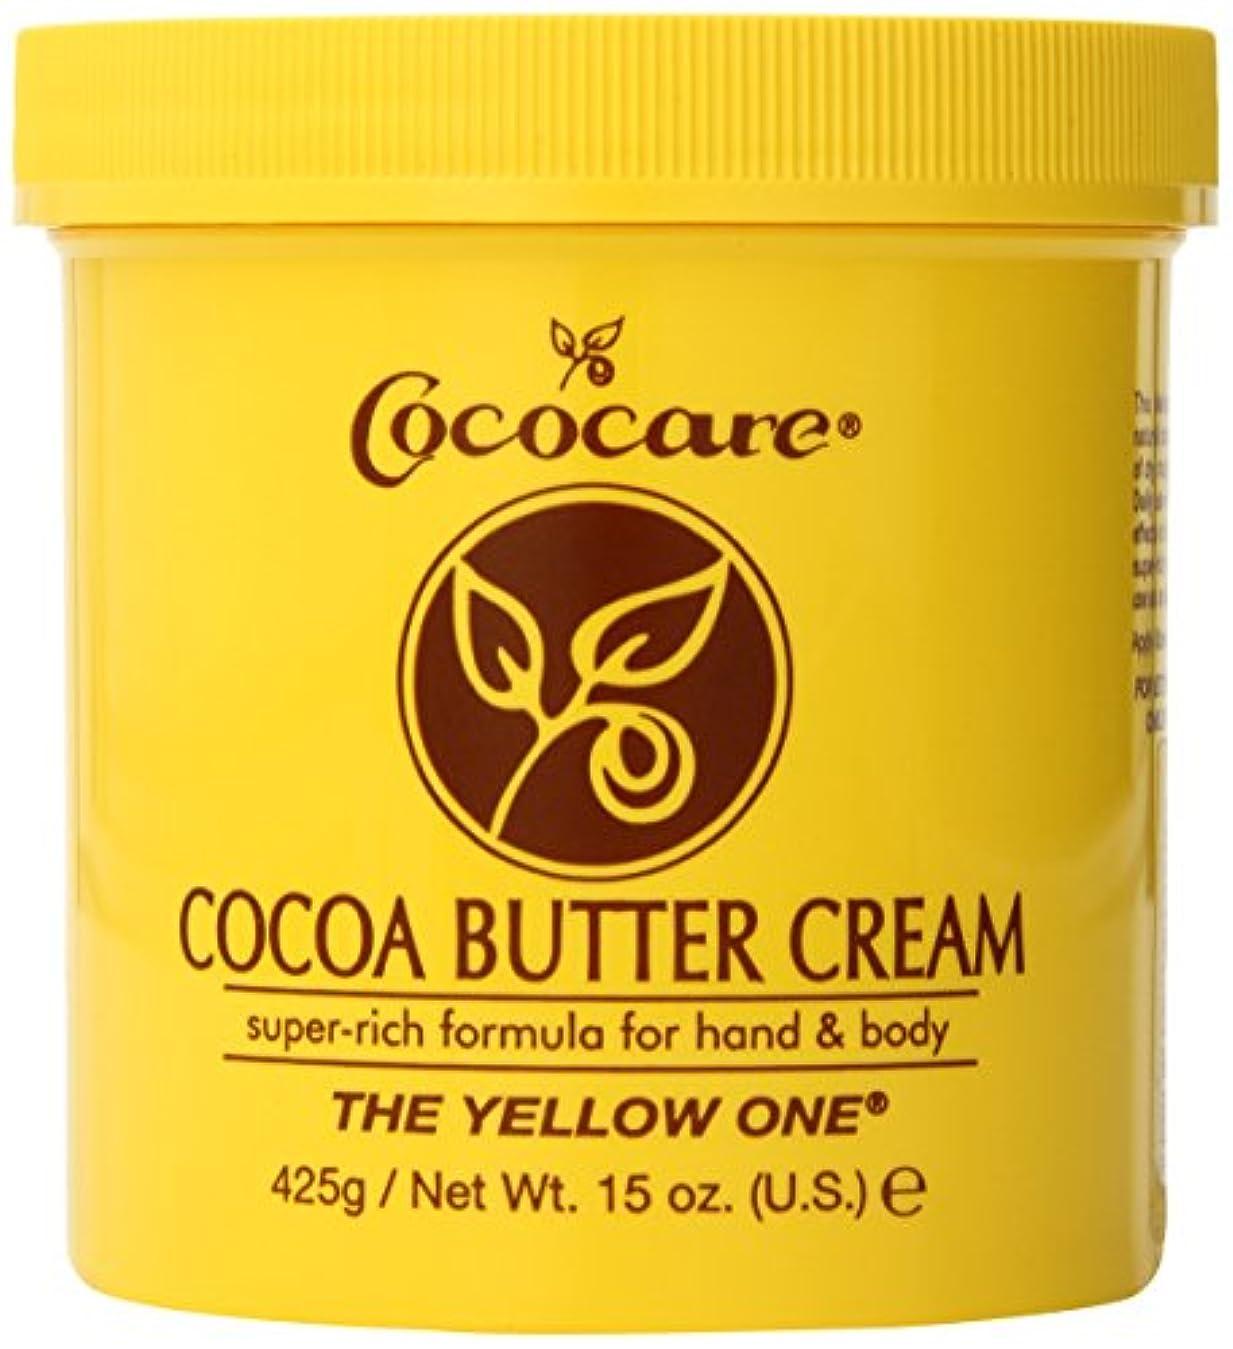 良さ深く怖がらせるCococare, The Yellow One, Cocoa Butter Cream, 15 oz (425 g)